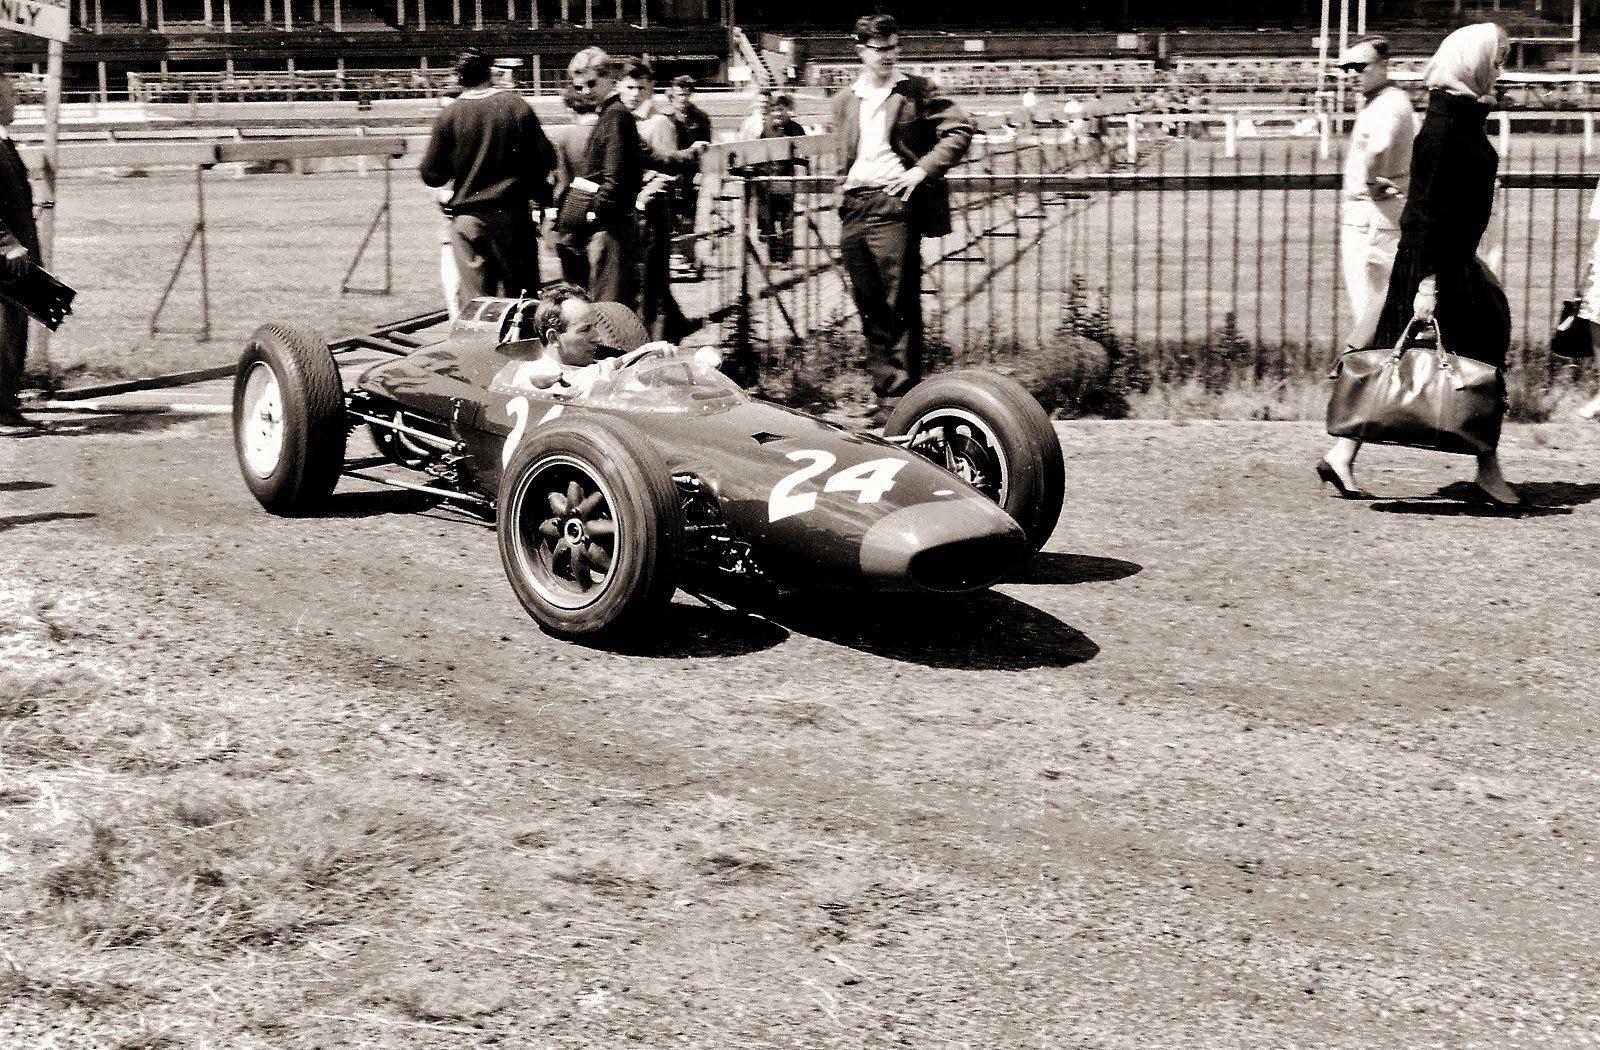 Fotos Temporada 1962 de Fórmula 1